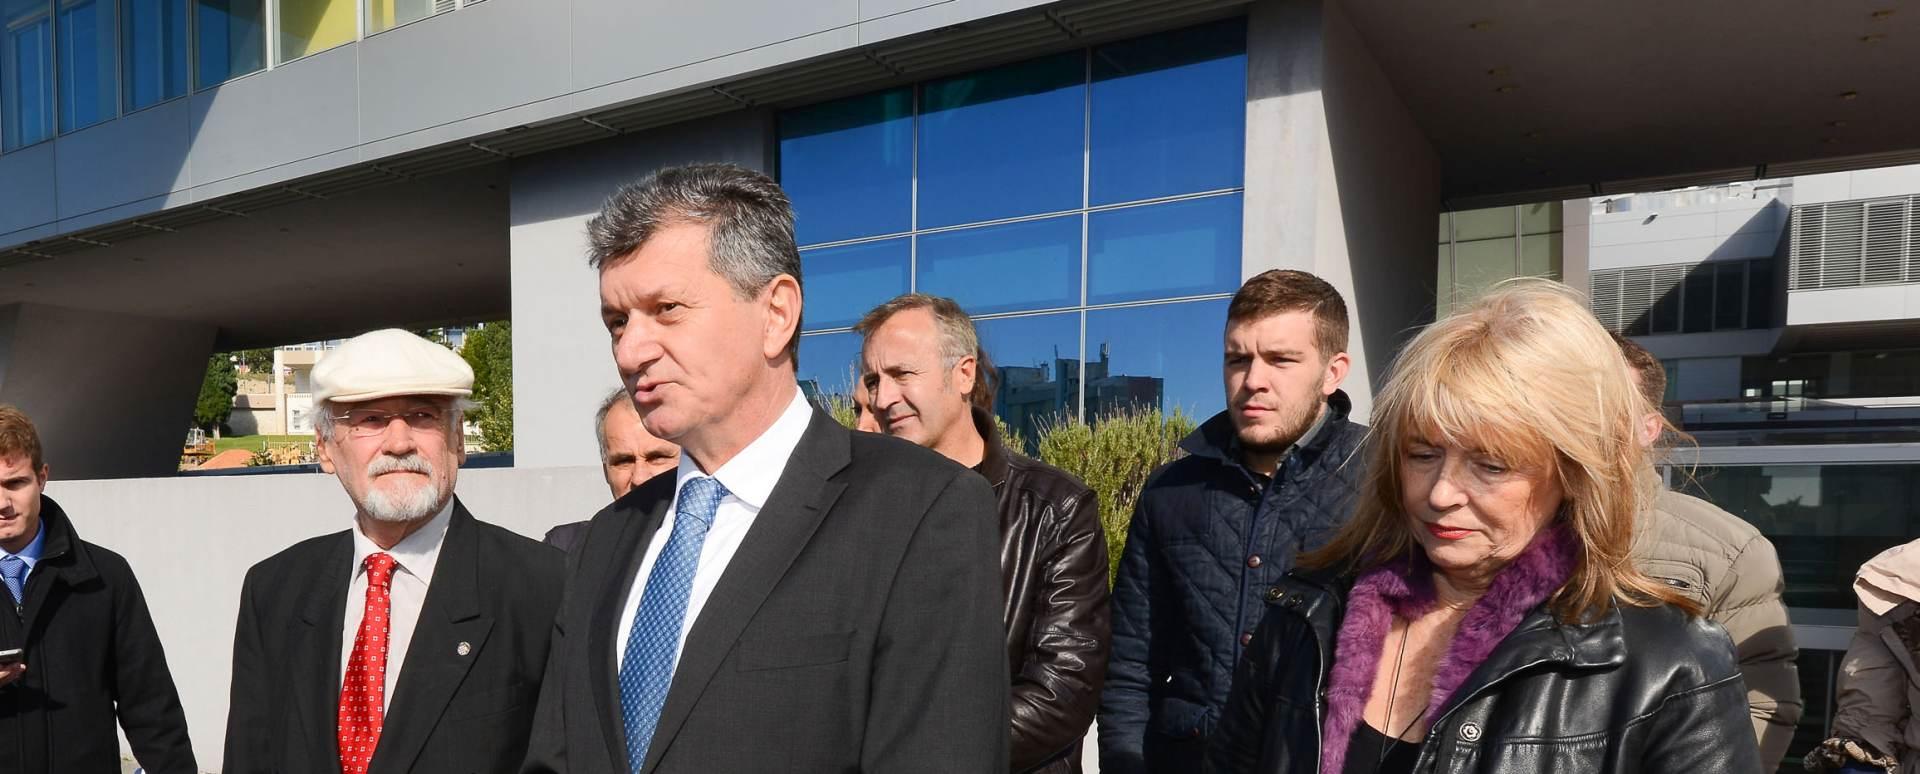 Kujundžić: Neka SDP-ovi i HDZ-ovi kandidati pokažu životopise